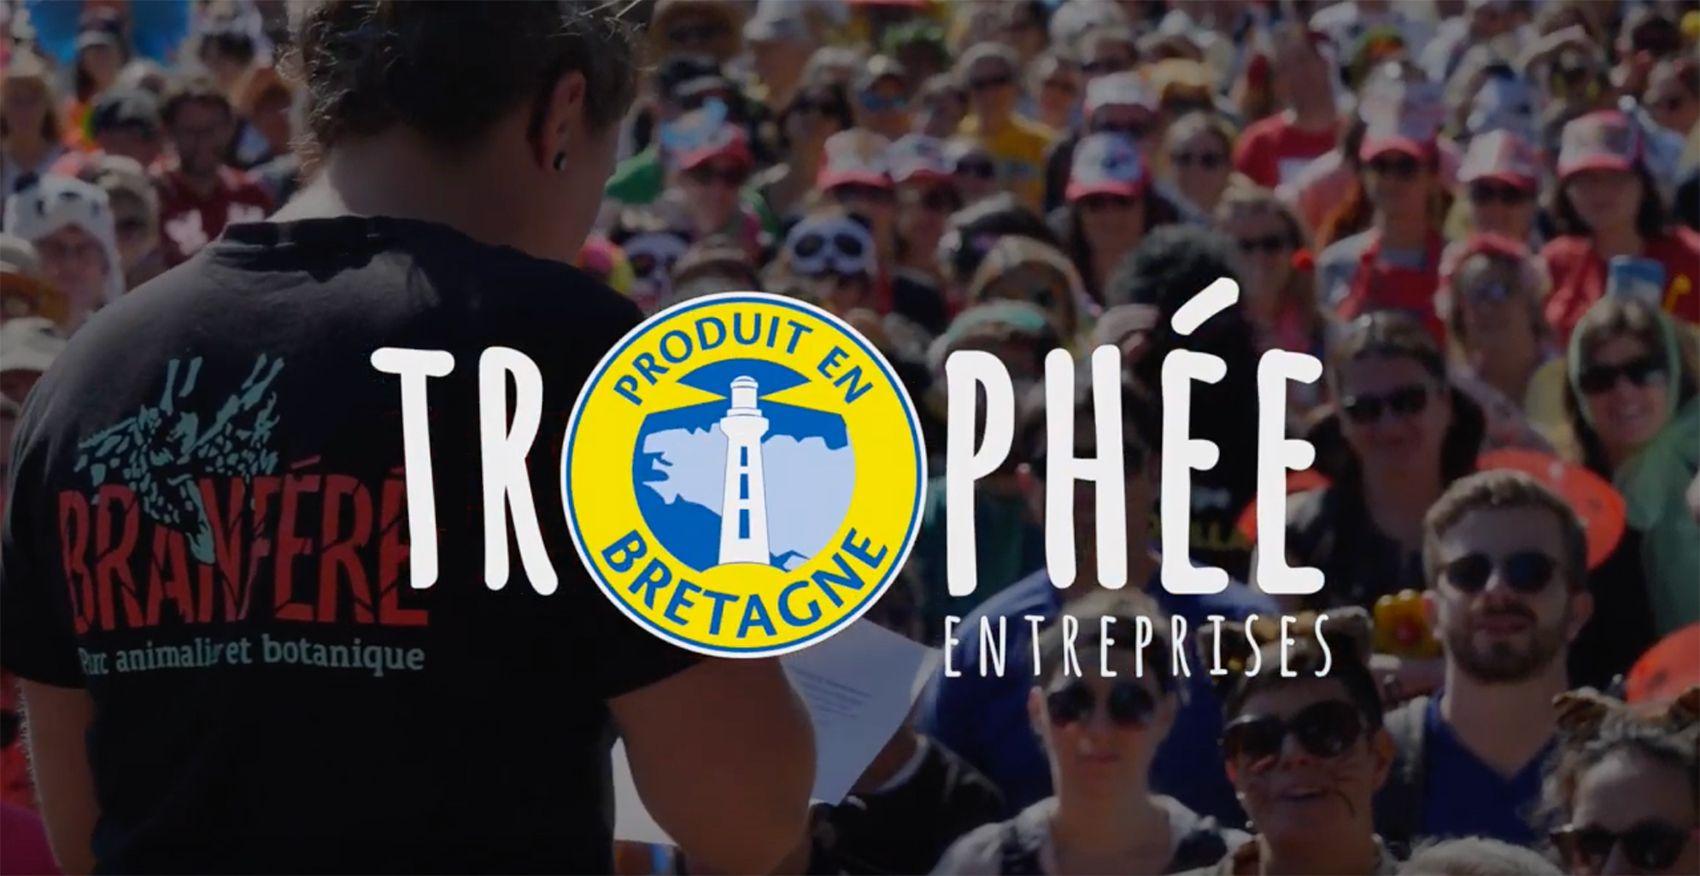 Produit en Bretagne - Trophée 2019